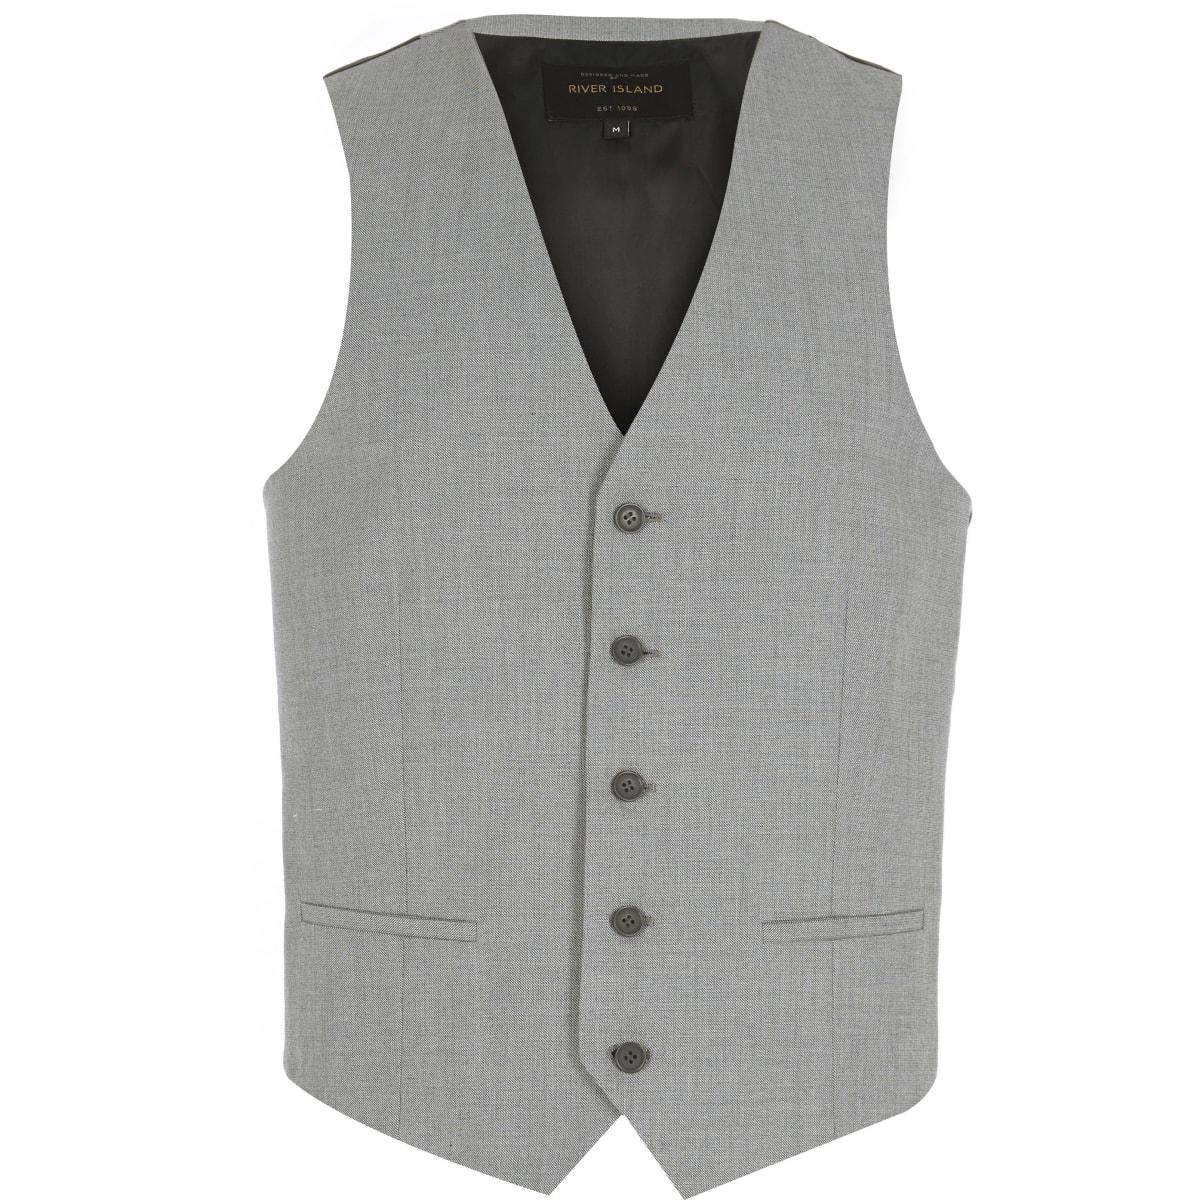 Light grey single breasted waistcoat